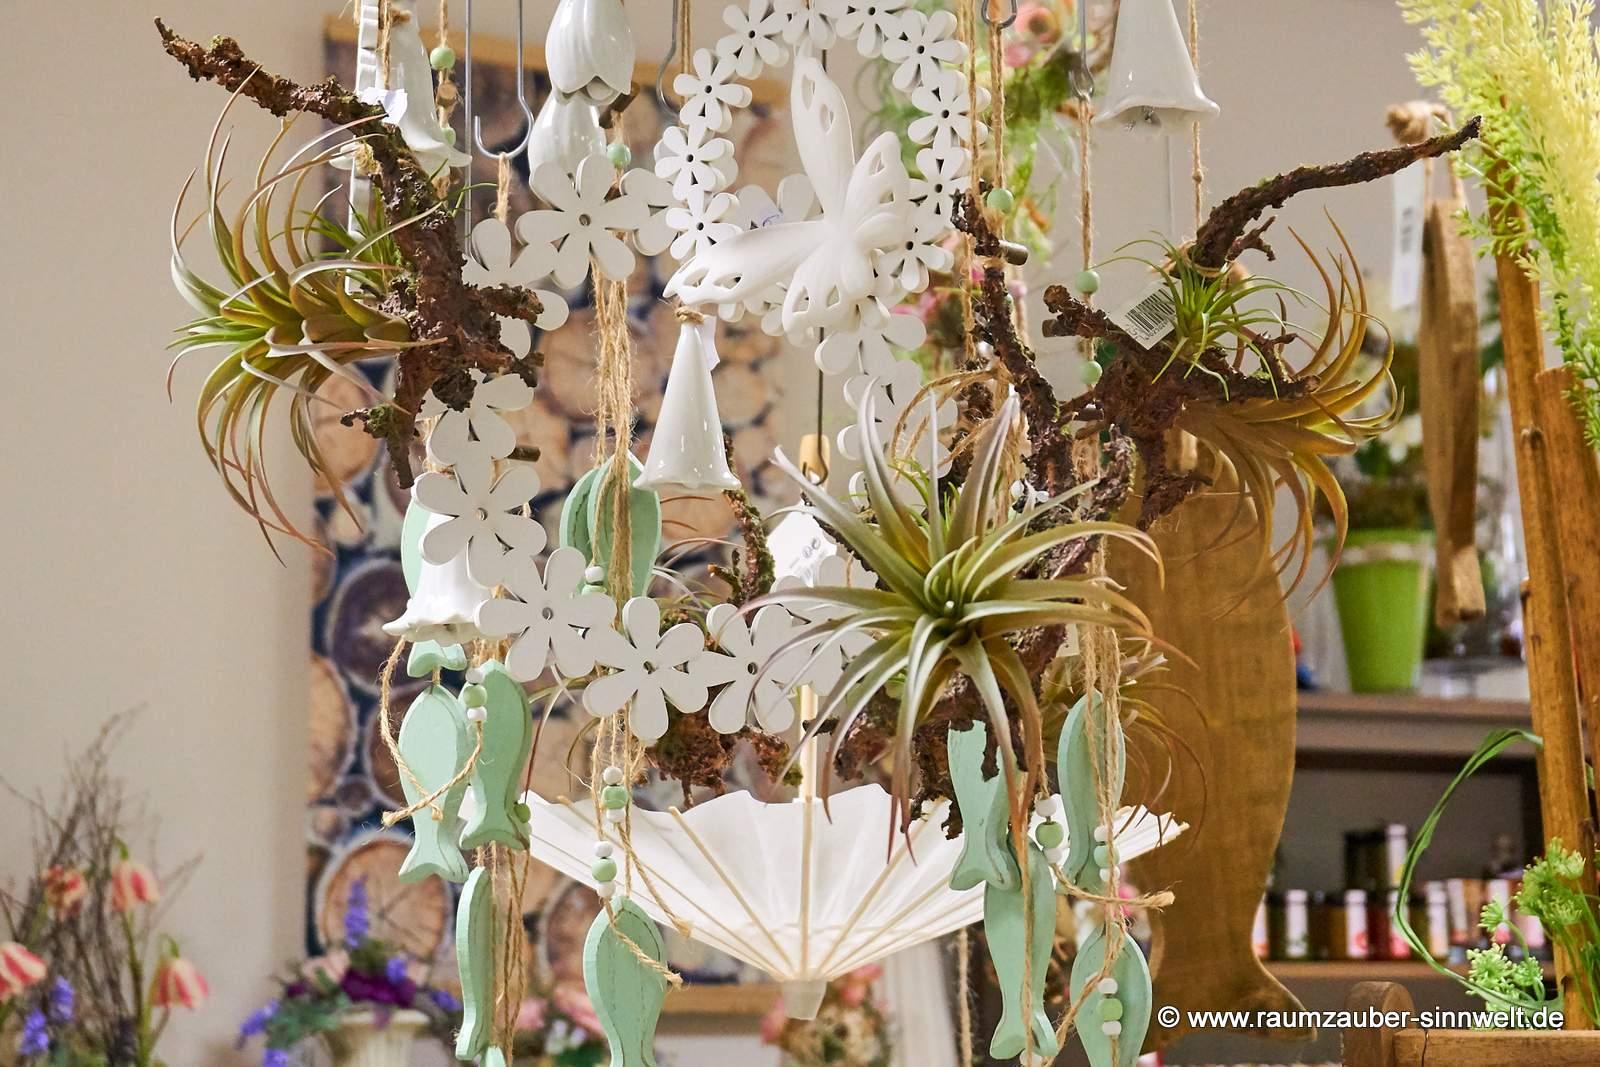 Hänge-Dekoration mit Holzfischen, Blütenkränzen und Tillandsien